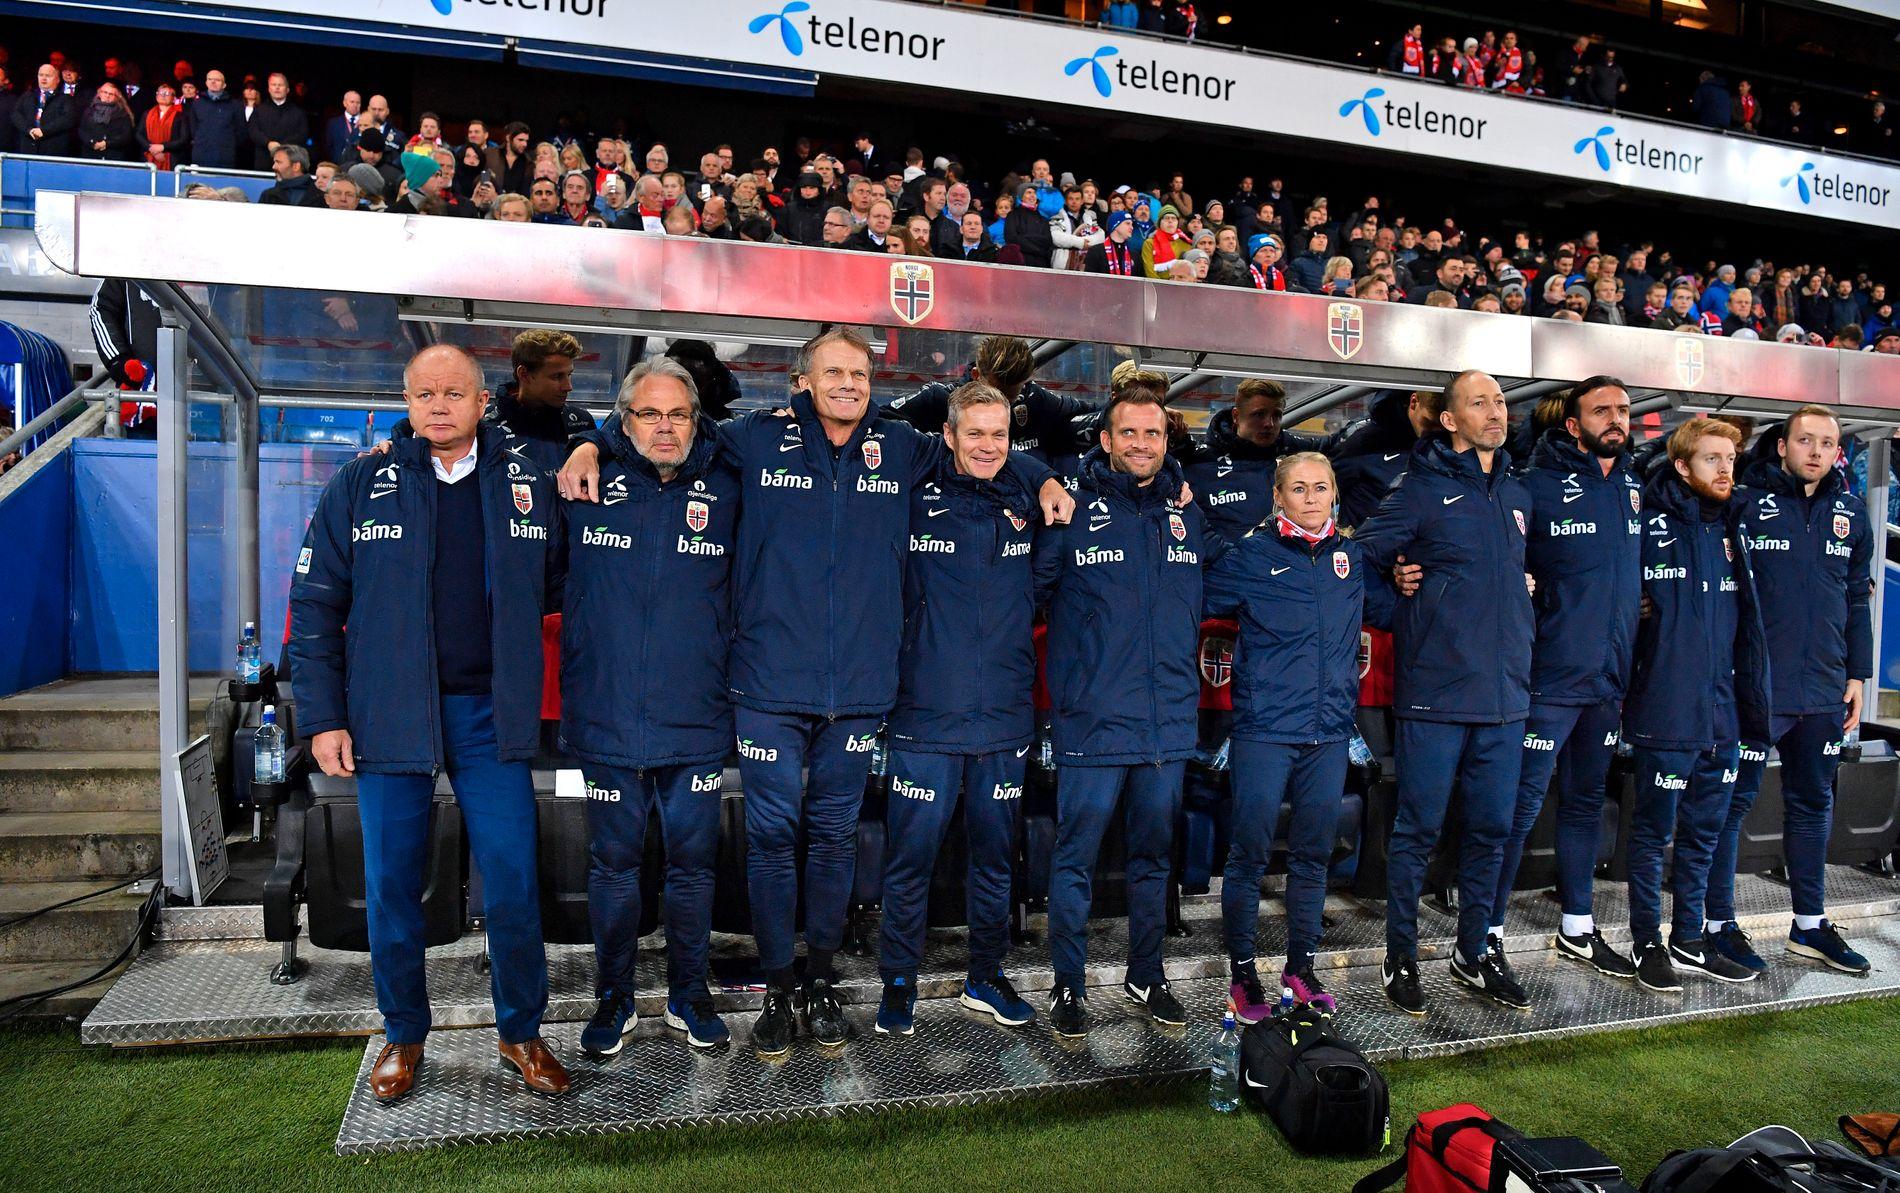 MANGE KOKKER: Per-Mathias Høgmo har hatt et stort støtteapparat, det har man også merket i regnskapene.